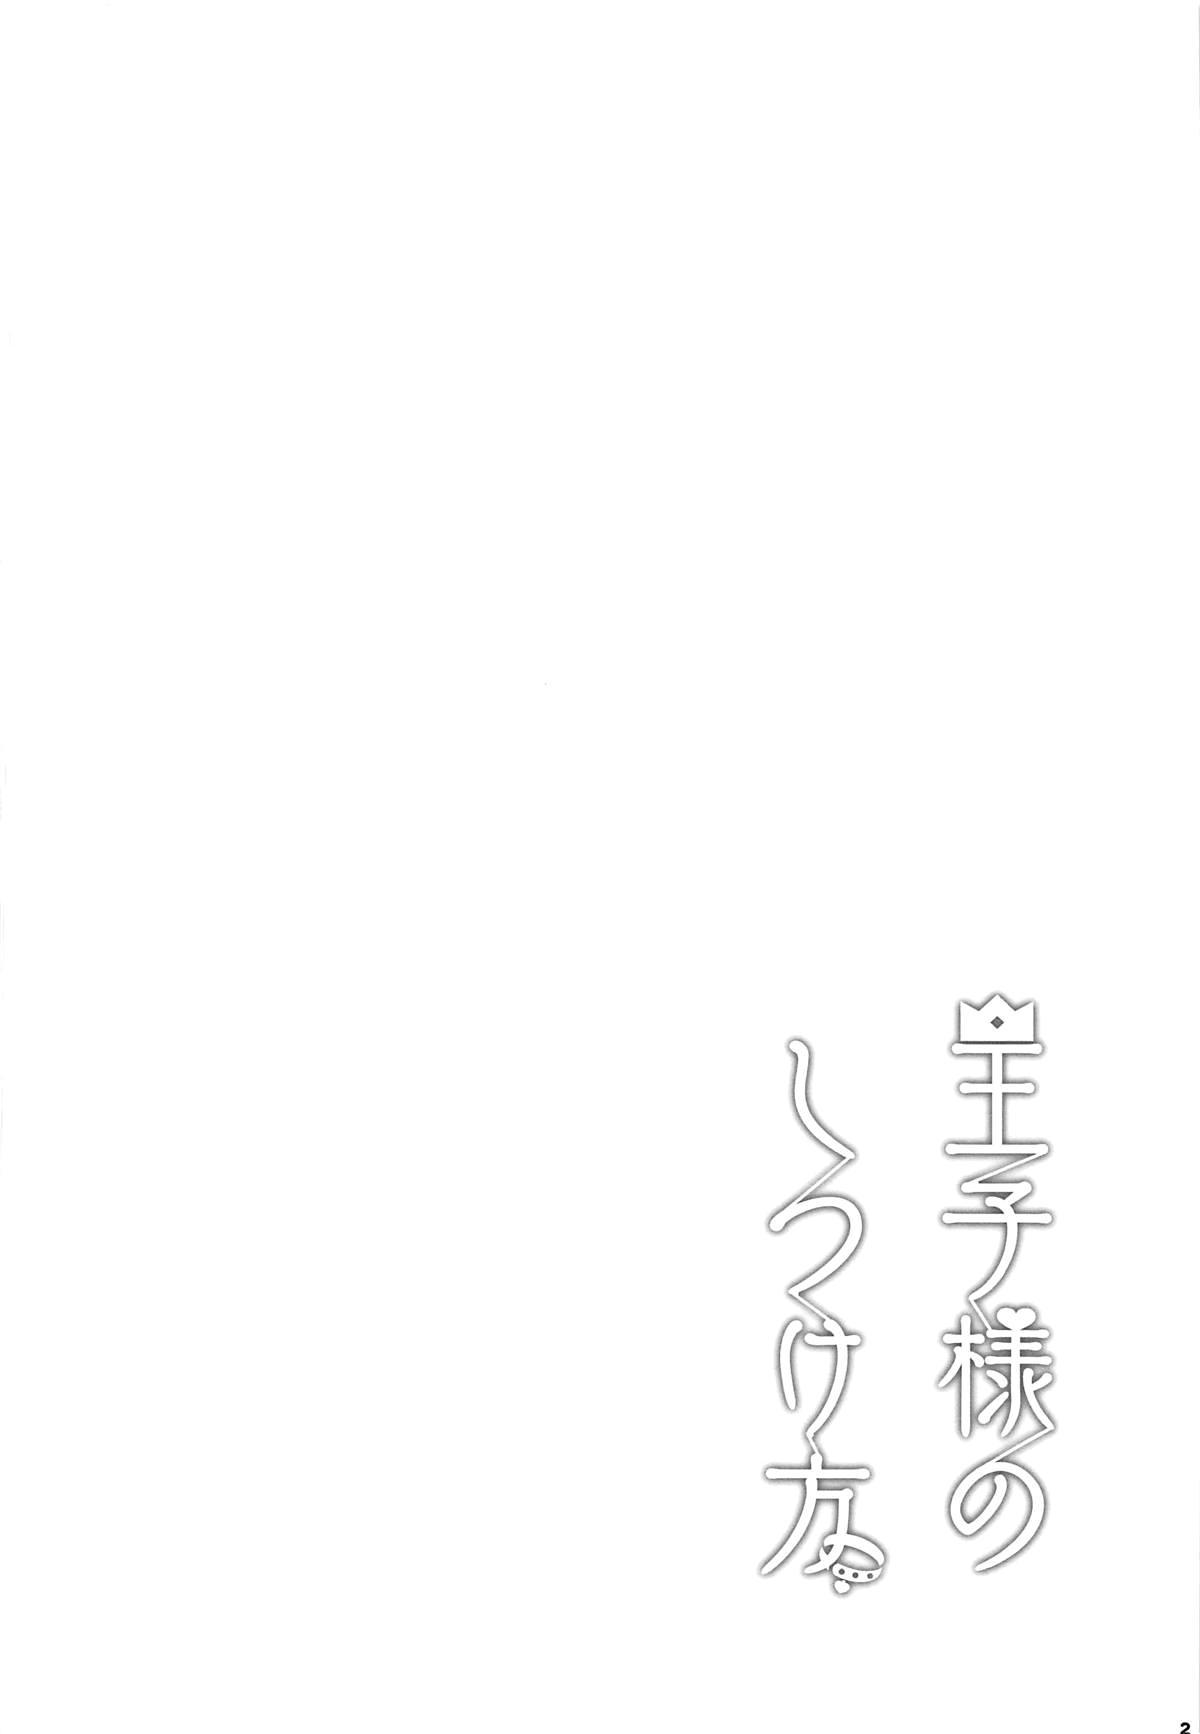 Ouji-sama no Shitsukekata 2